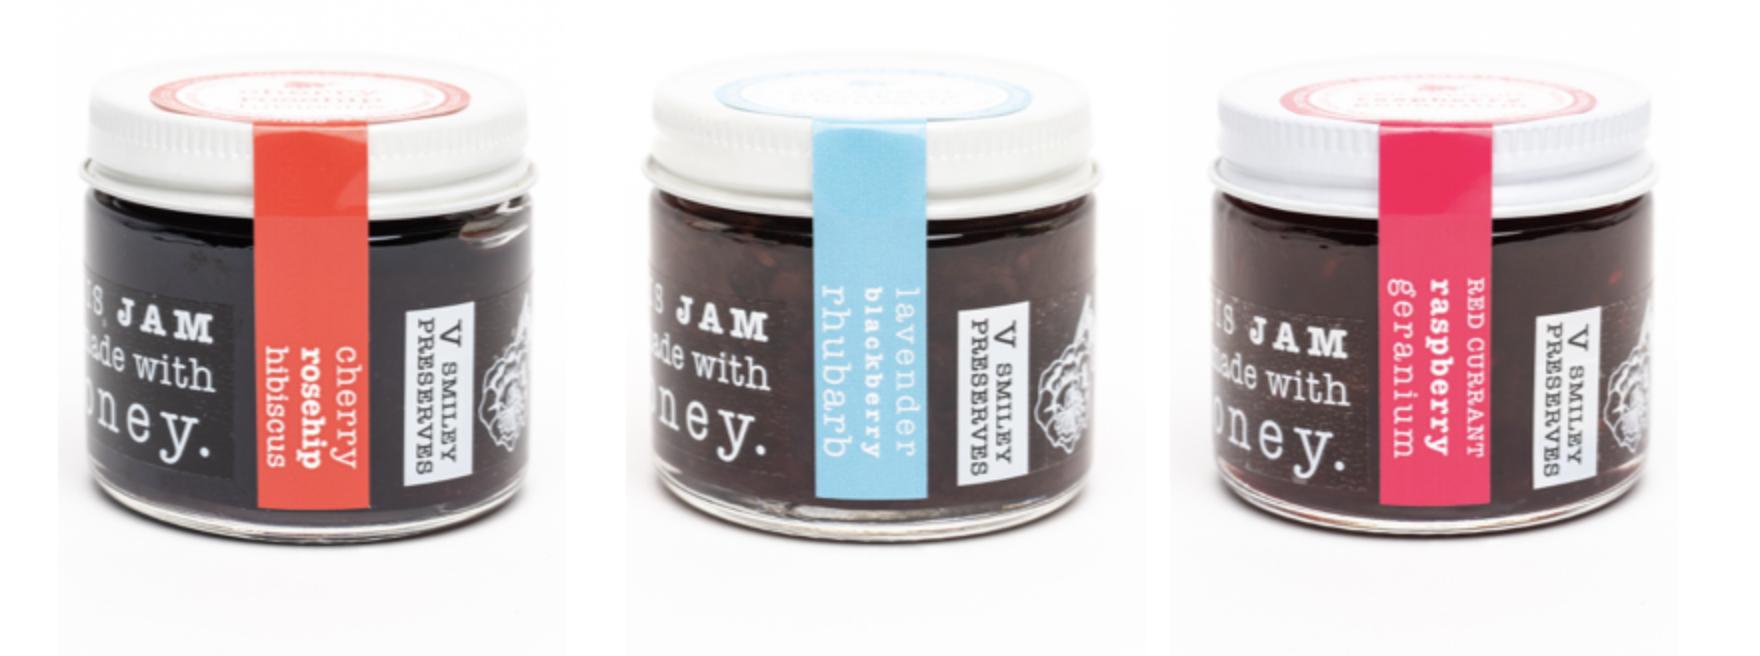 The three jars of jams